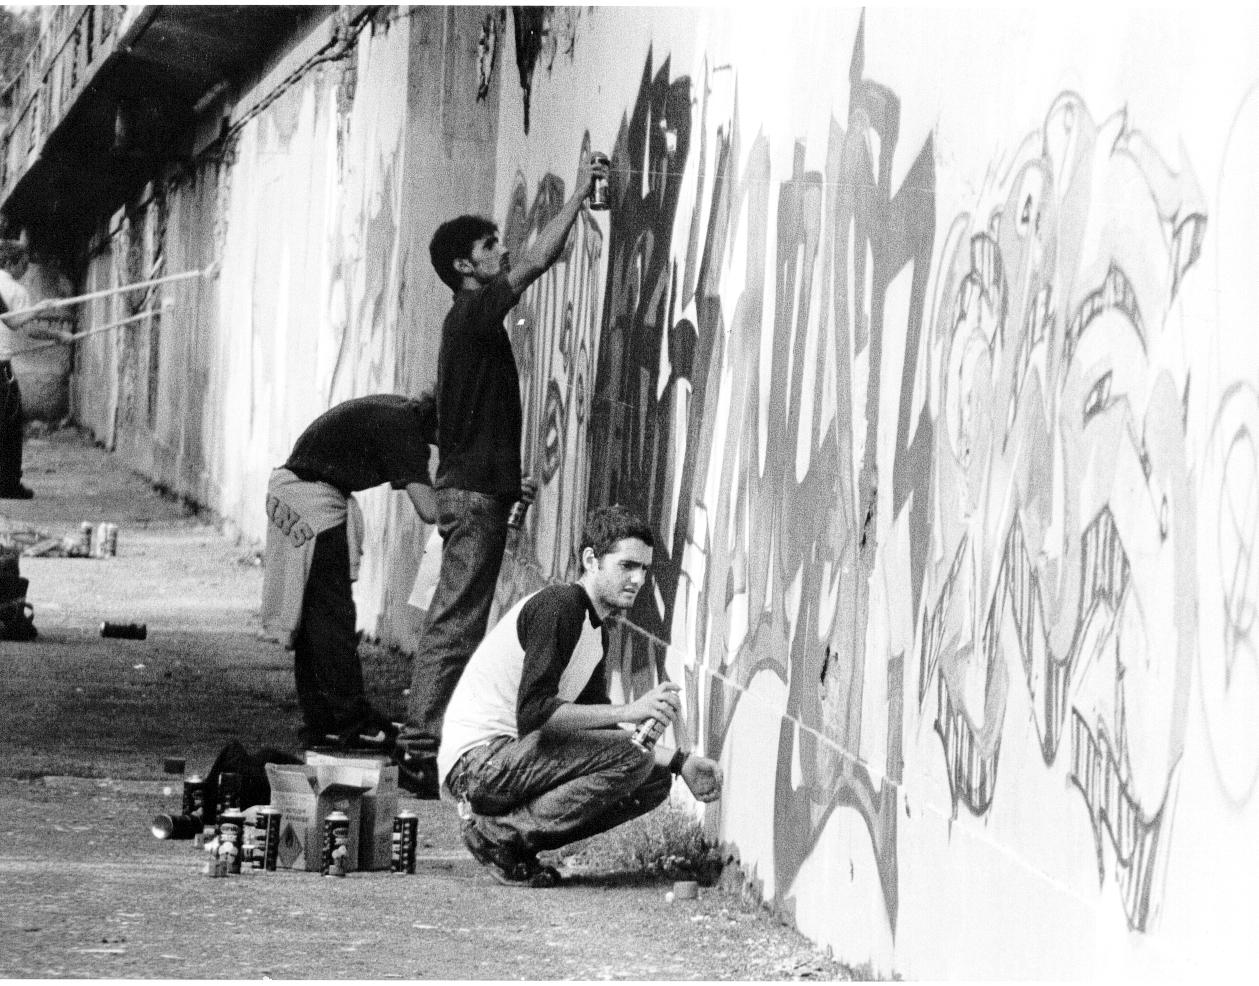 Graffitisti Centro Cavallaz